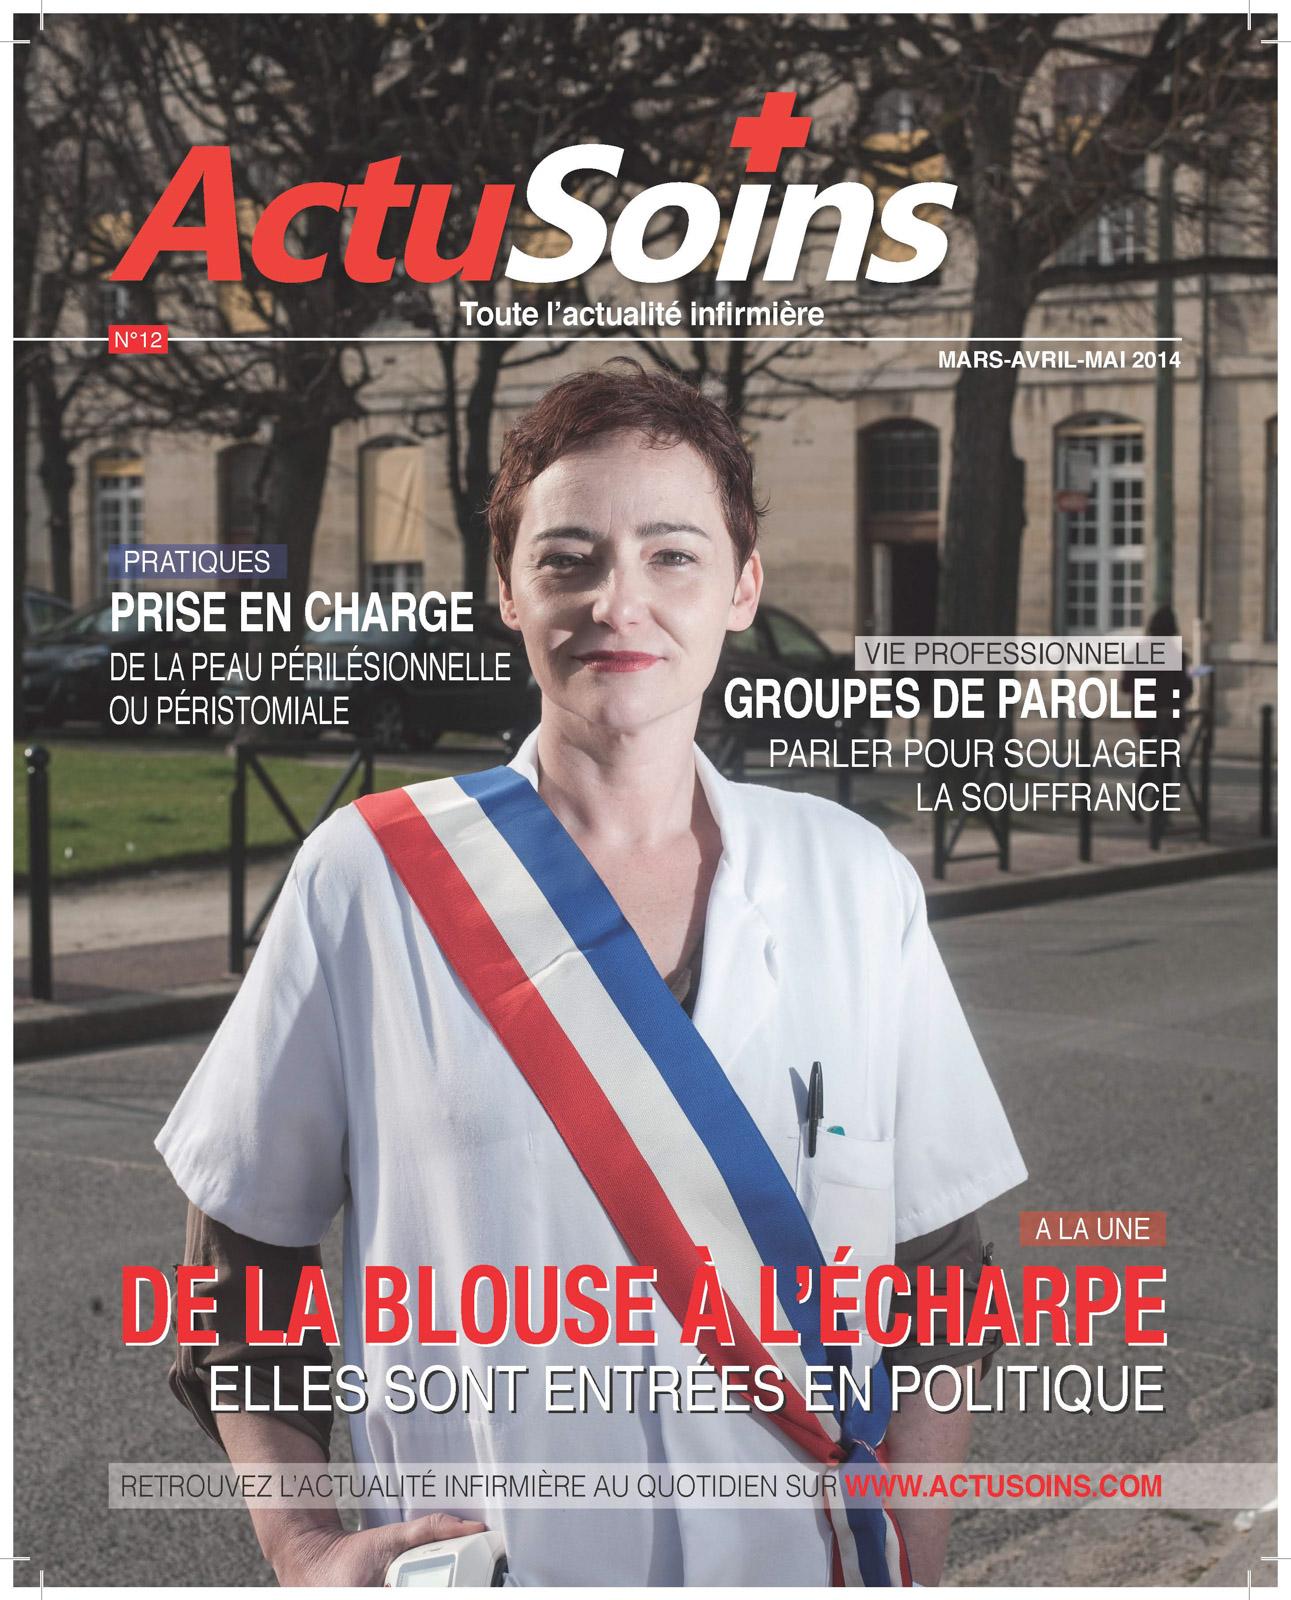 Actu_SOINS_COUV_12web